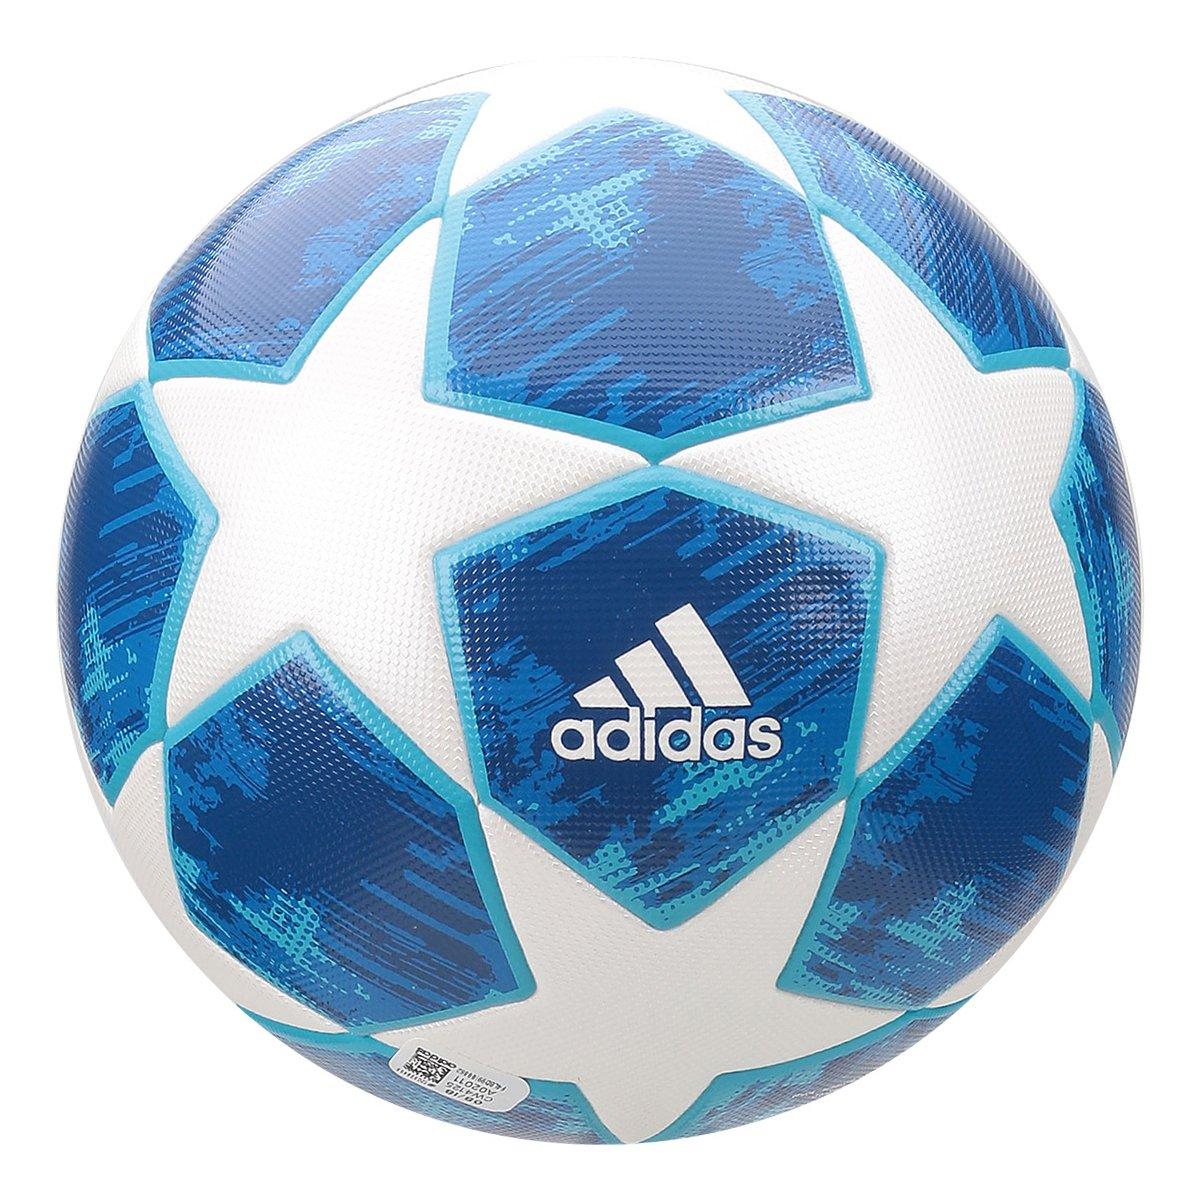 be76548b917e5 Bola de Futebol Society Adidas UCL Finale 18 - Compre Agora